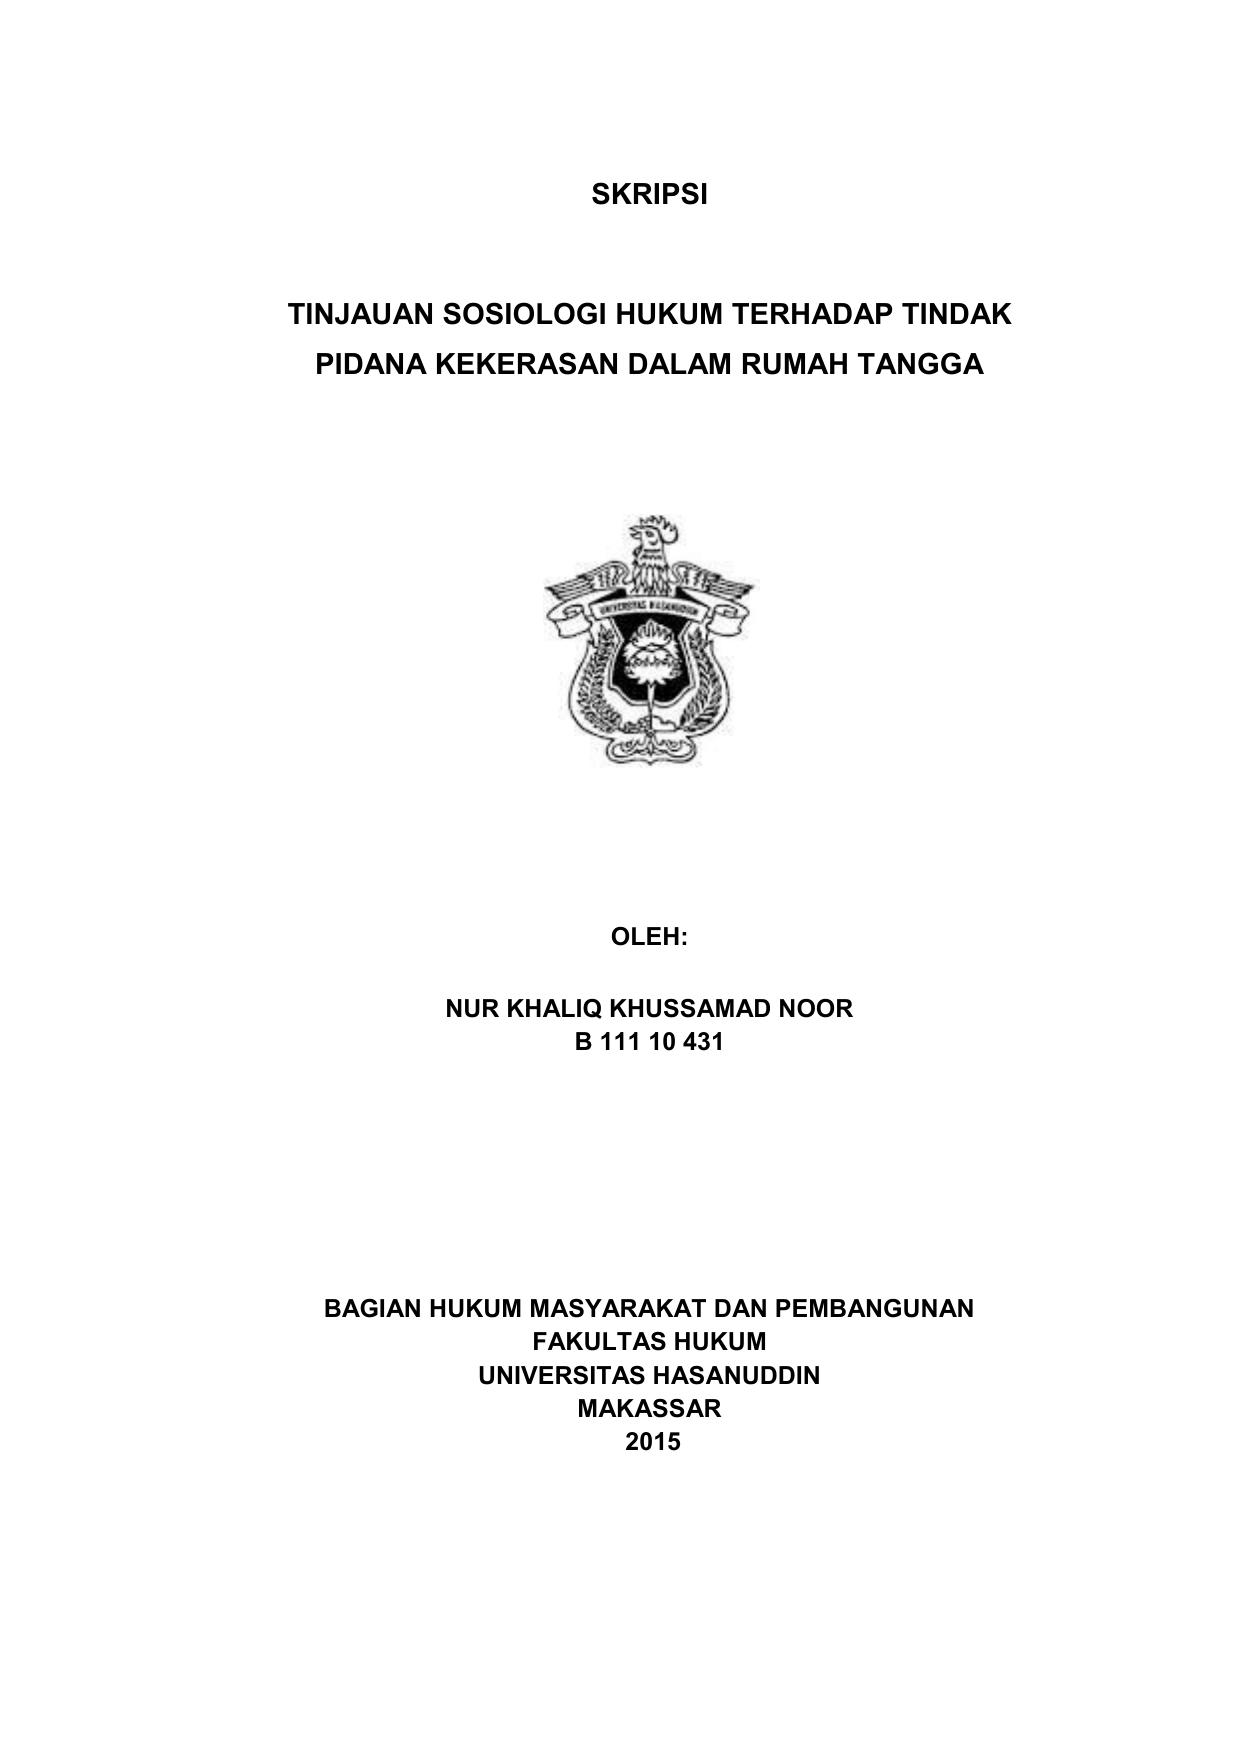 Skripsi Tinjauan Sosiologi Hukum Terhadap Tindak Pidana